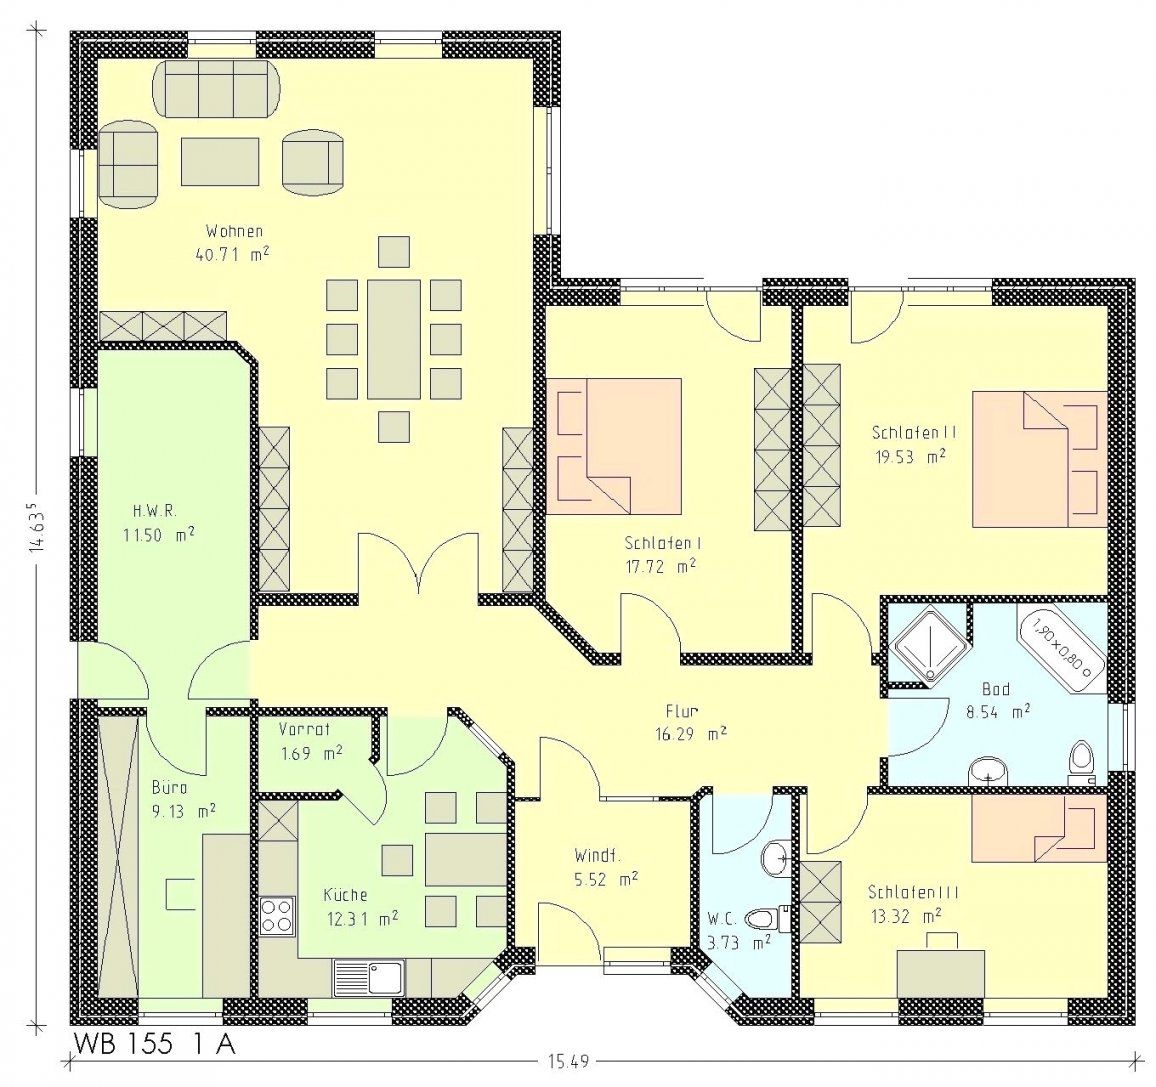 Bungalow Grundriss 120 Qm Mit Beste Bildideen Zu Hause Design 5 Und von Grundriss Bungalow 120 Qm Mit Garage Photo